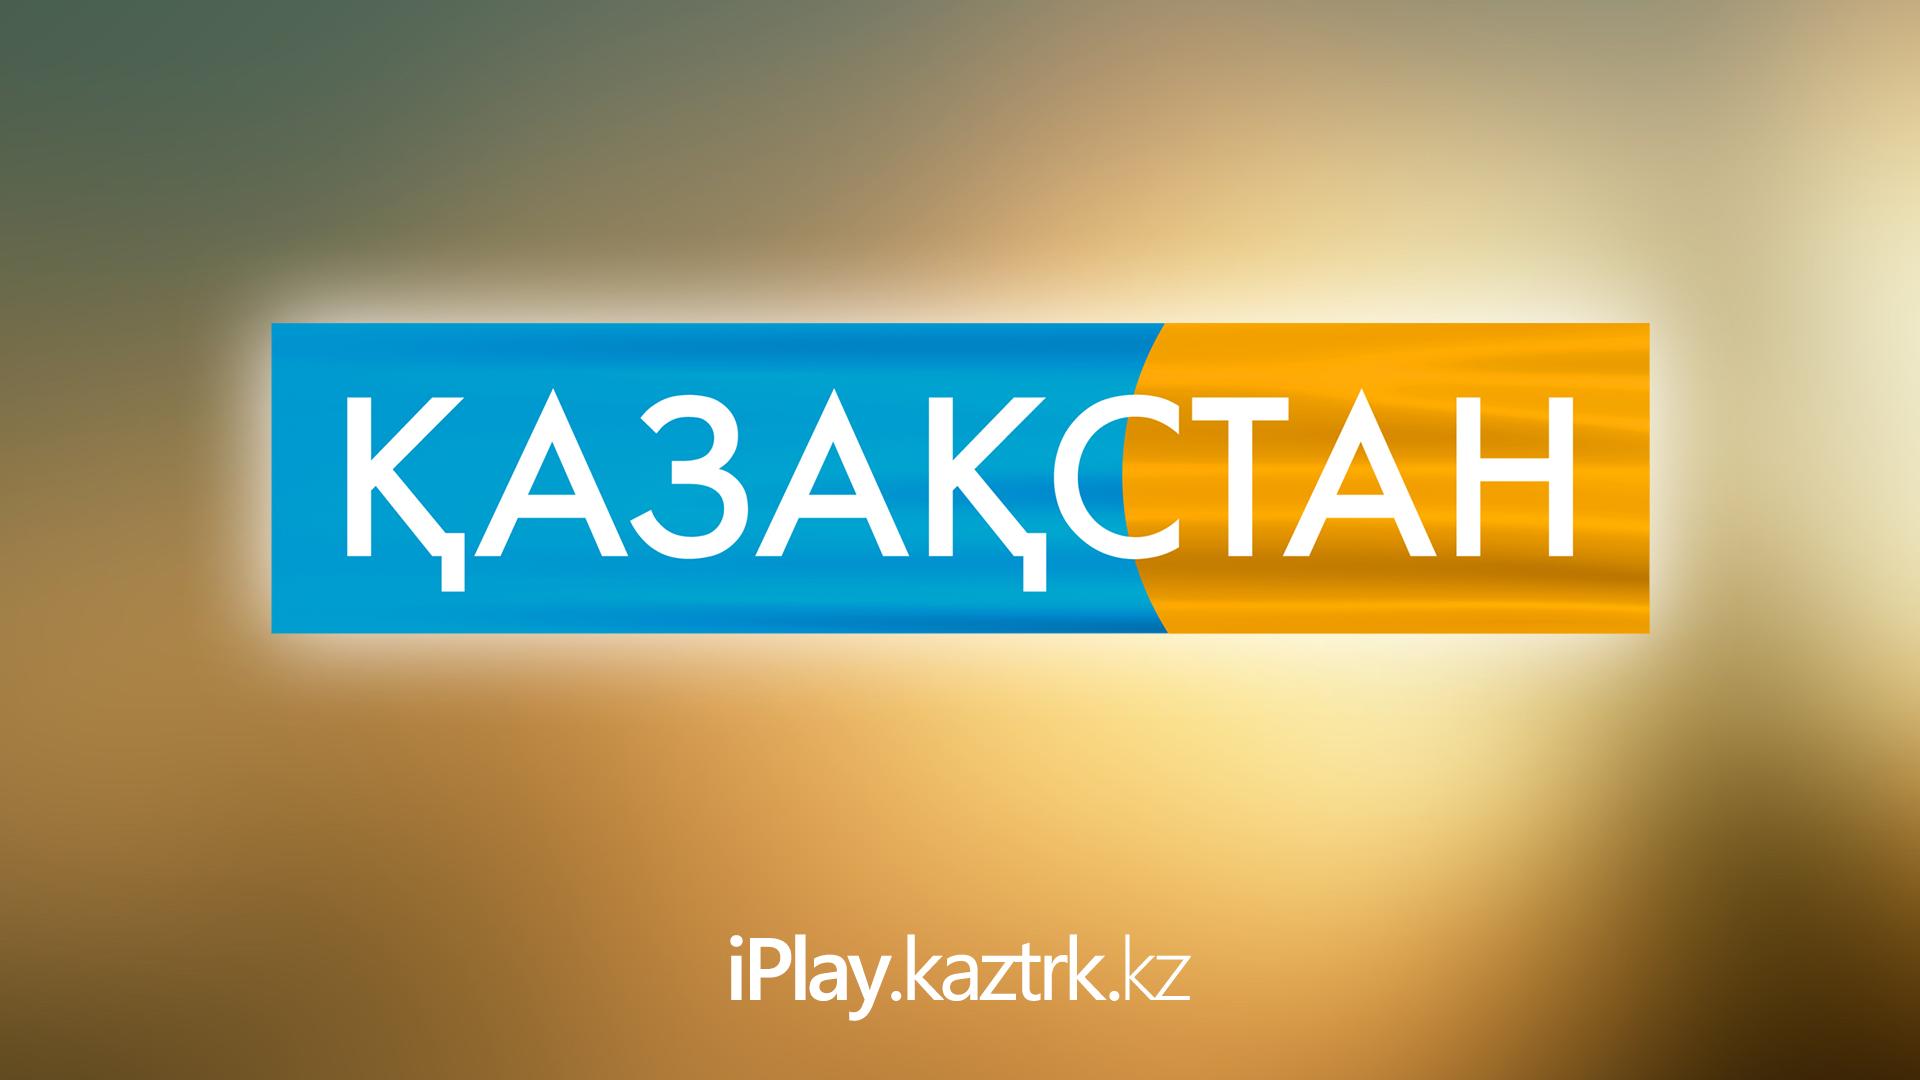 tvmain_kaztv